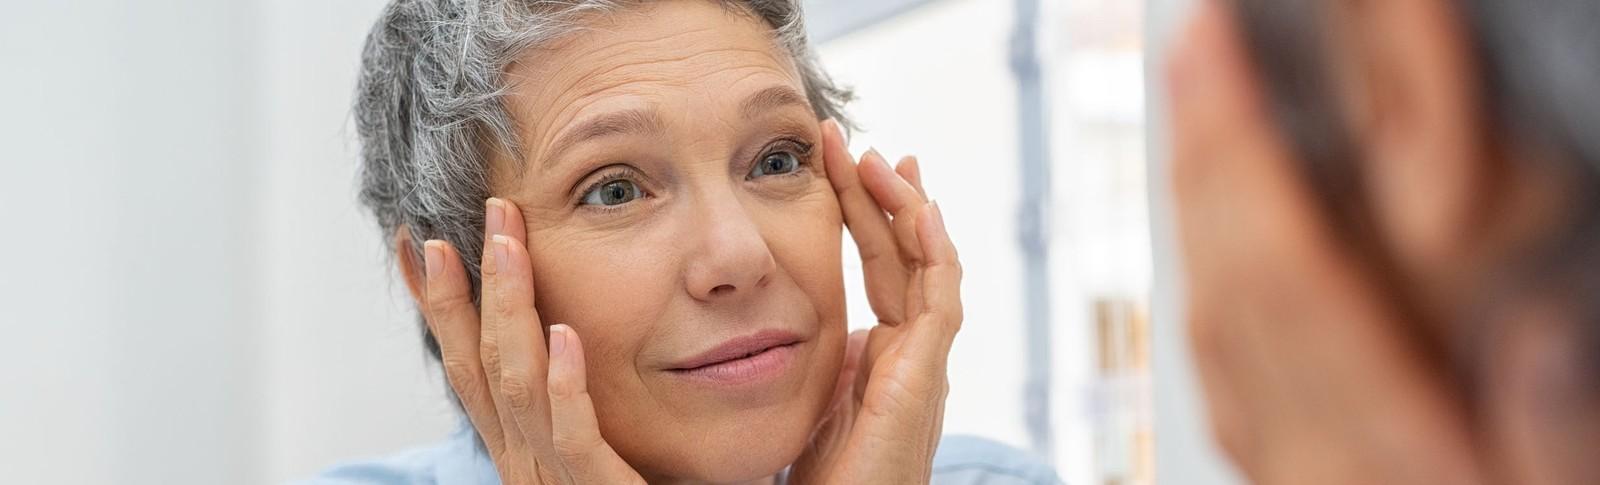 Frau betrachtet das Ergebnis der Gesichtsstraffung in den Moser Kliniken im Spiegel.